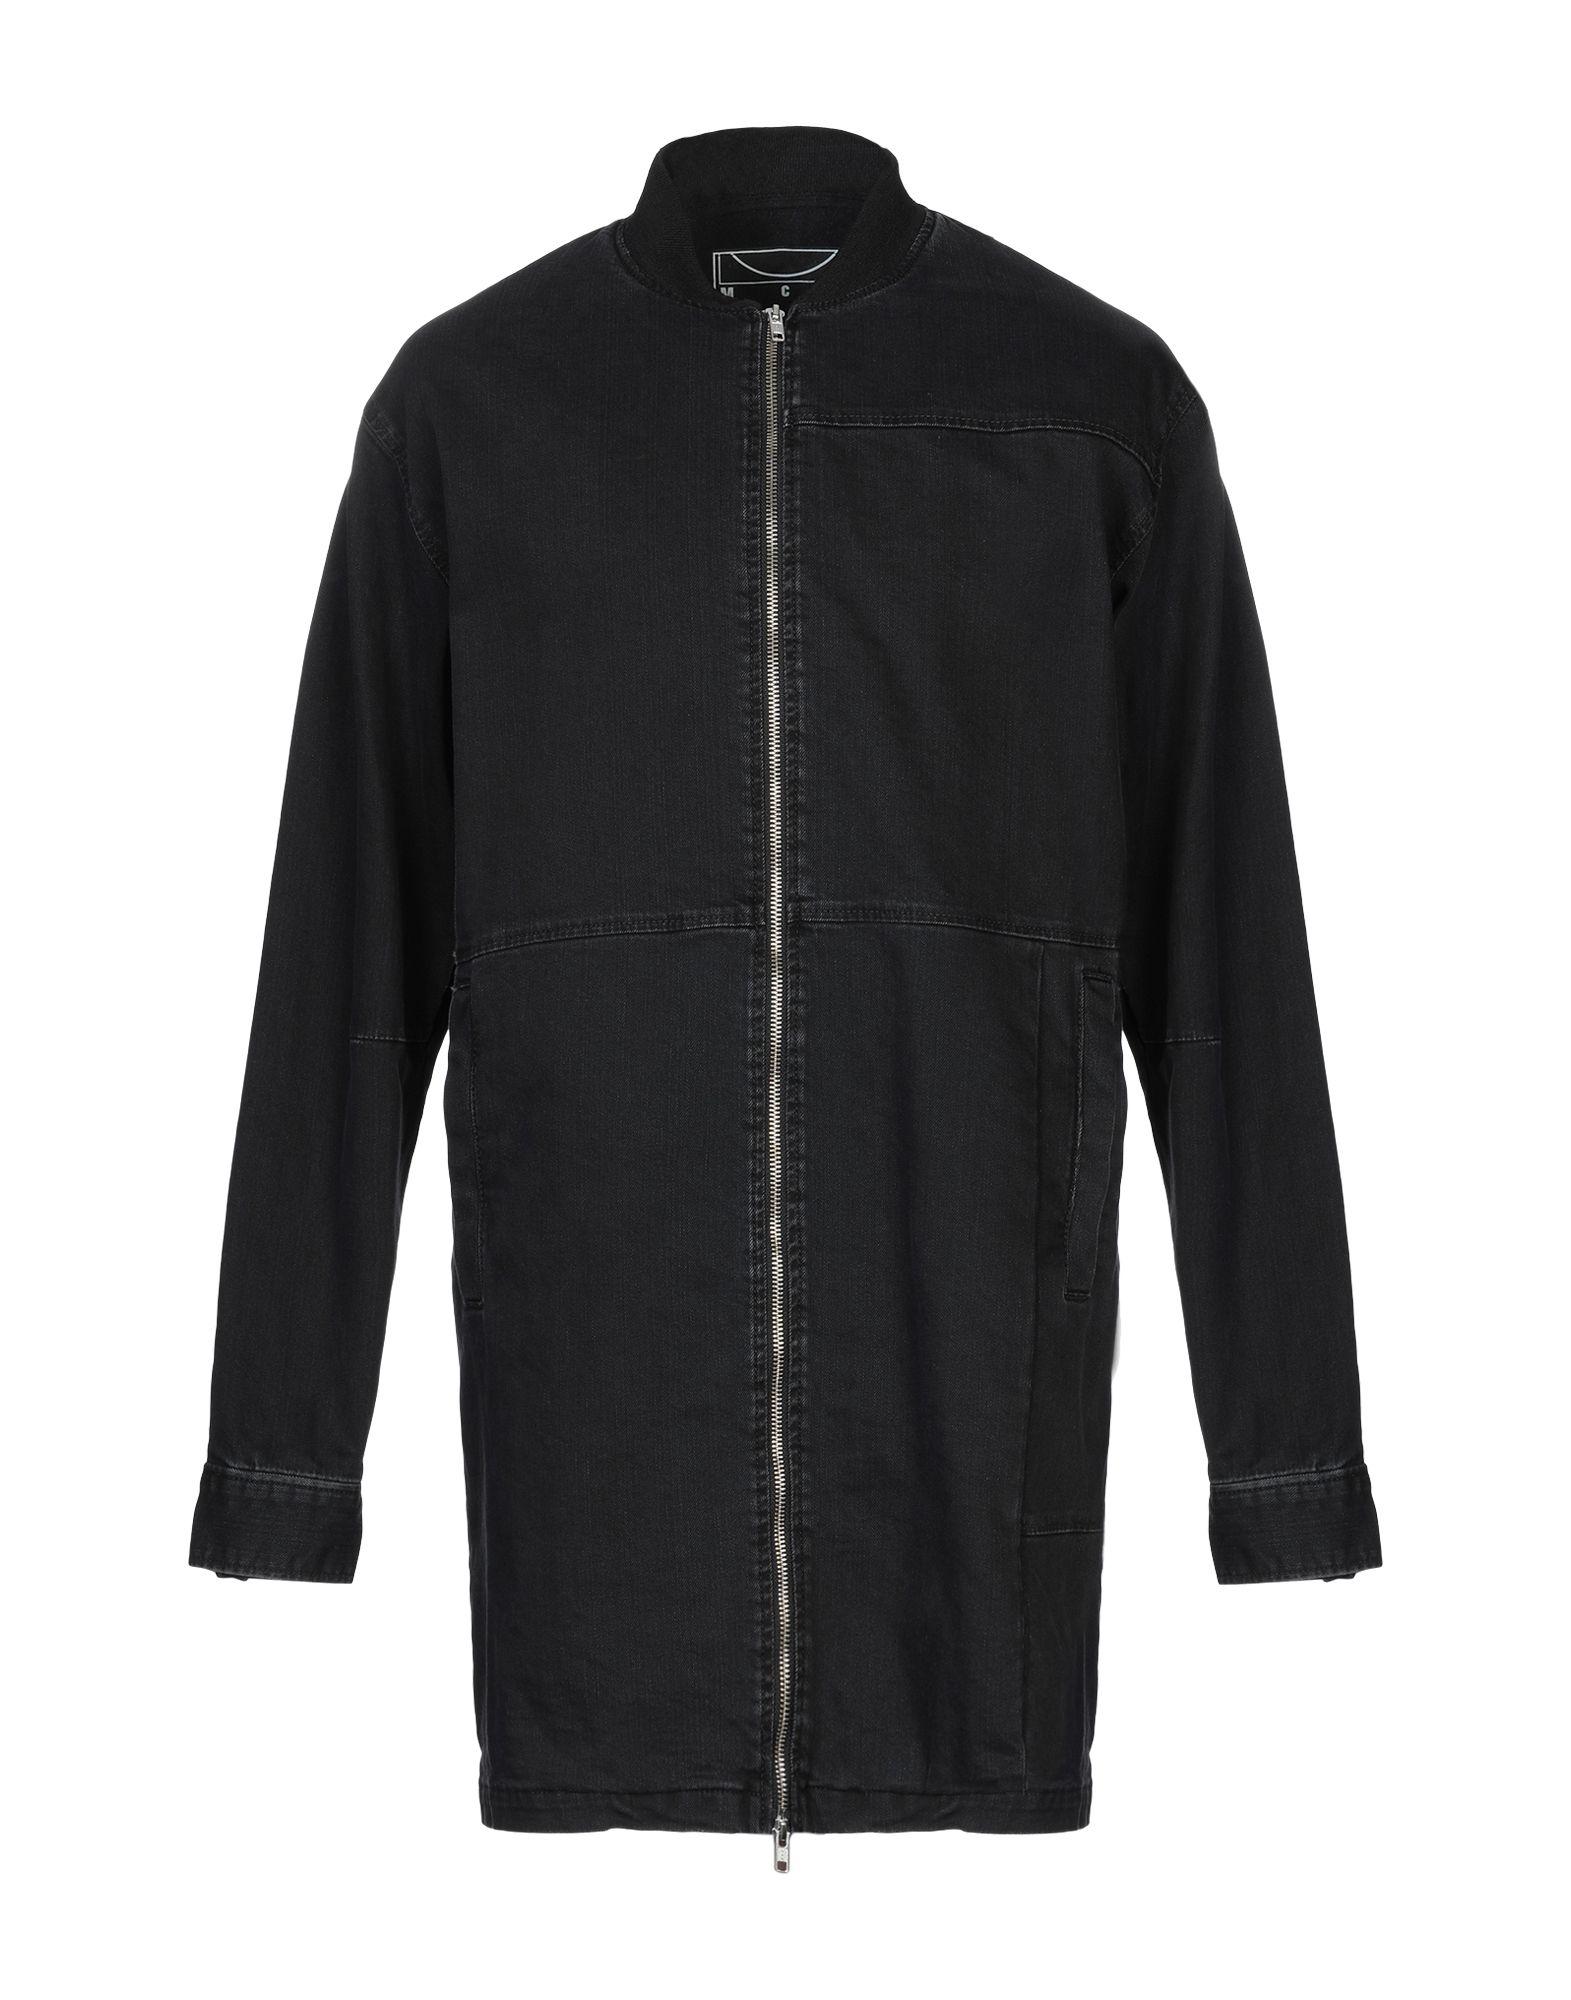 McQ Alexander McQueen Джинсовая верхняя одежда